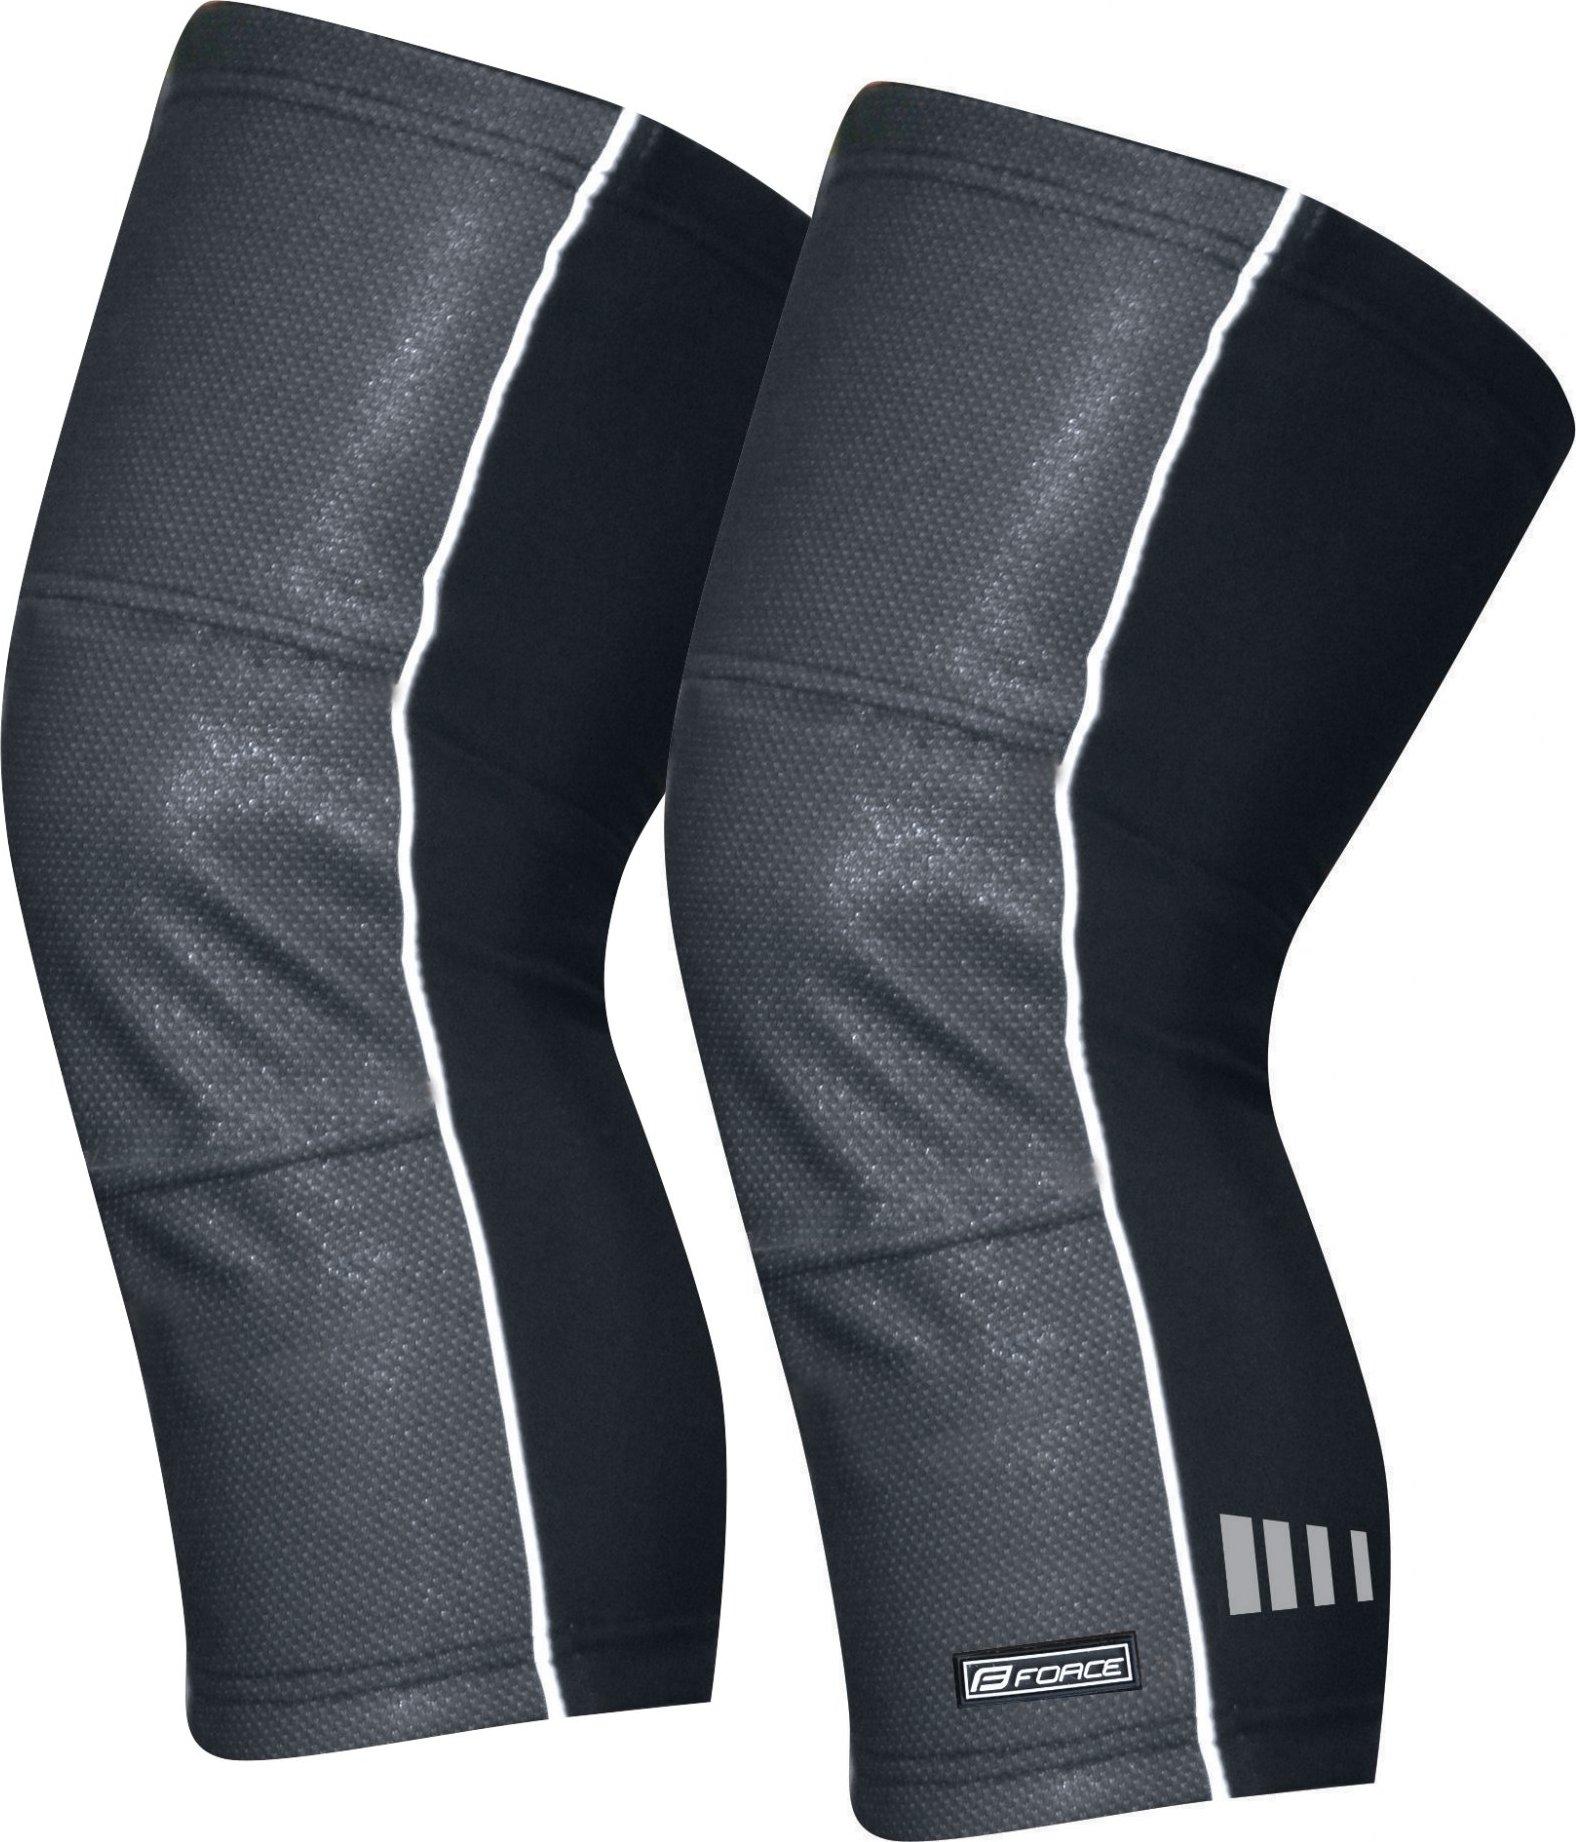 návleky na kolena FORCE WIND-X, černé Velikost: S